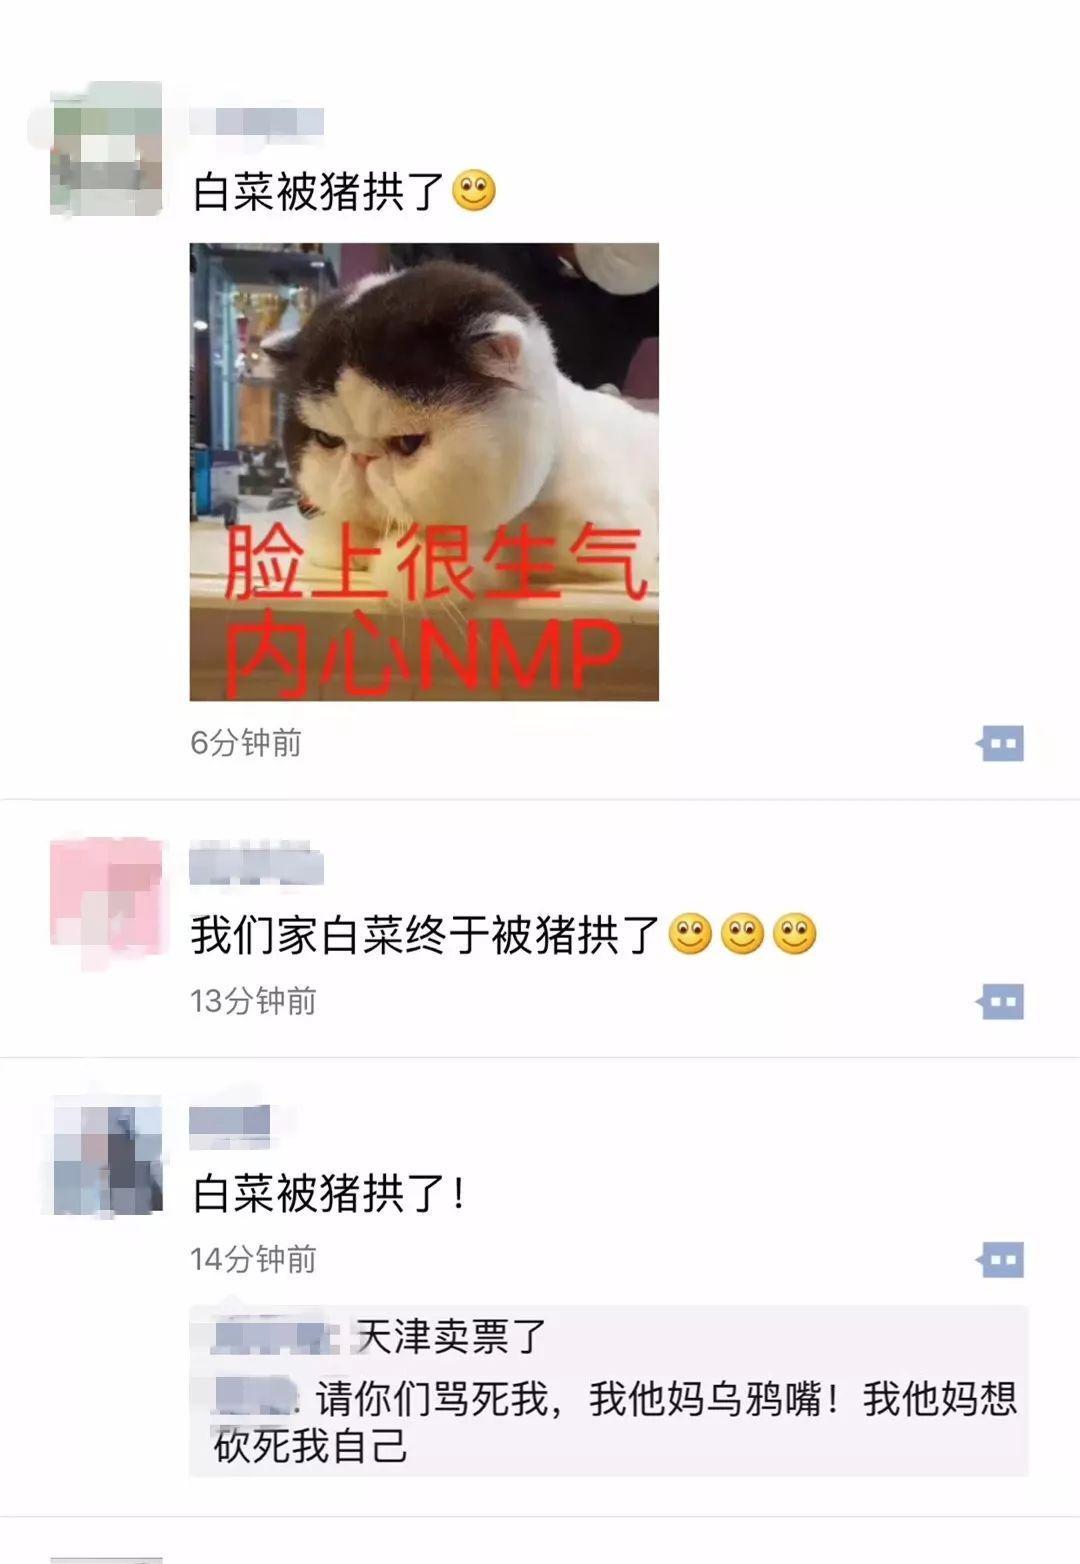 林俊杰新女友曝光?被曝已为女友在重庆买房!林俊杰情史大揭秘!